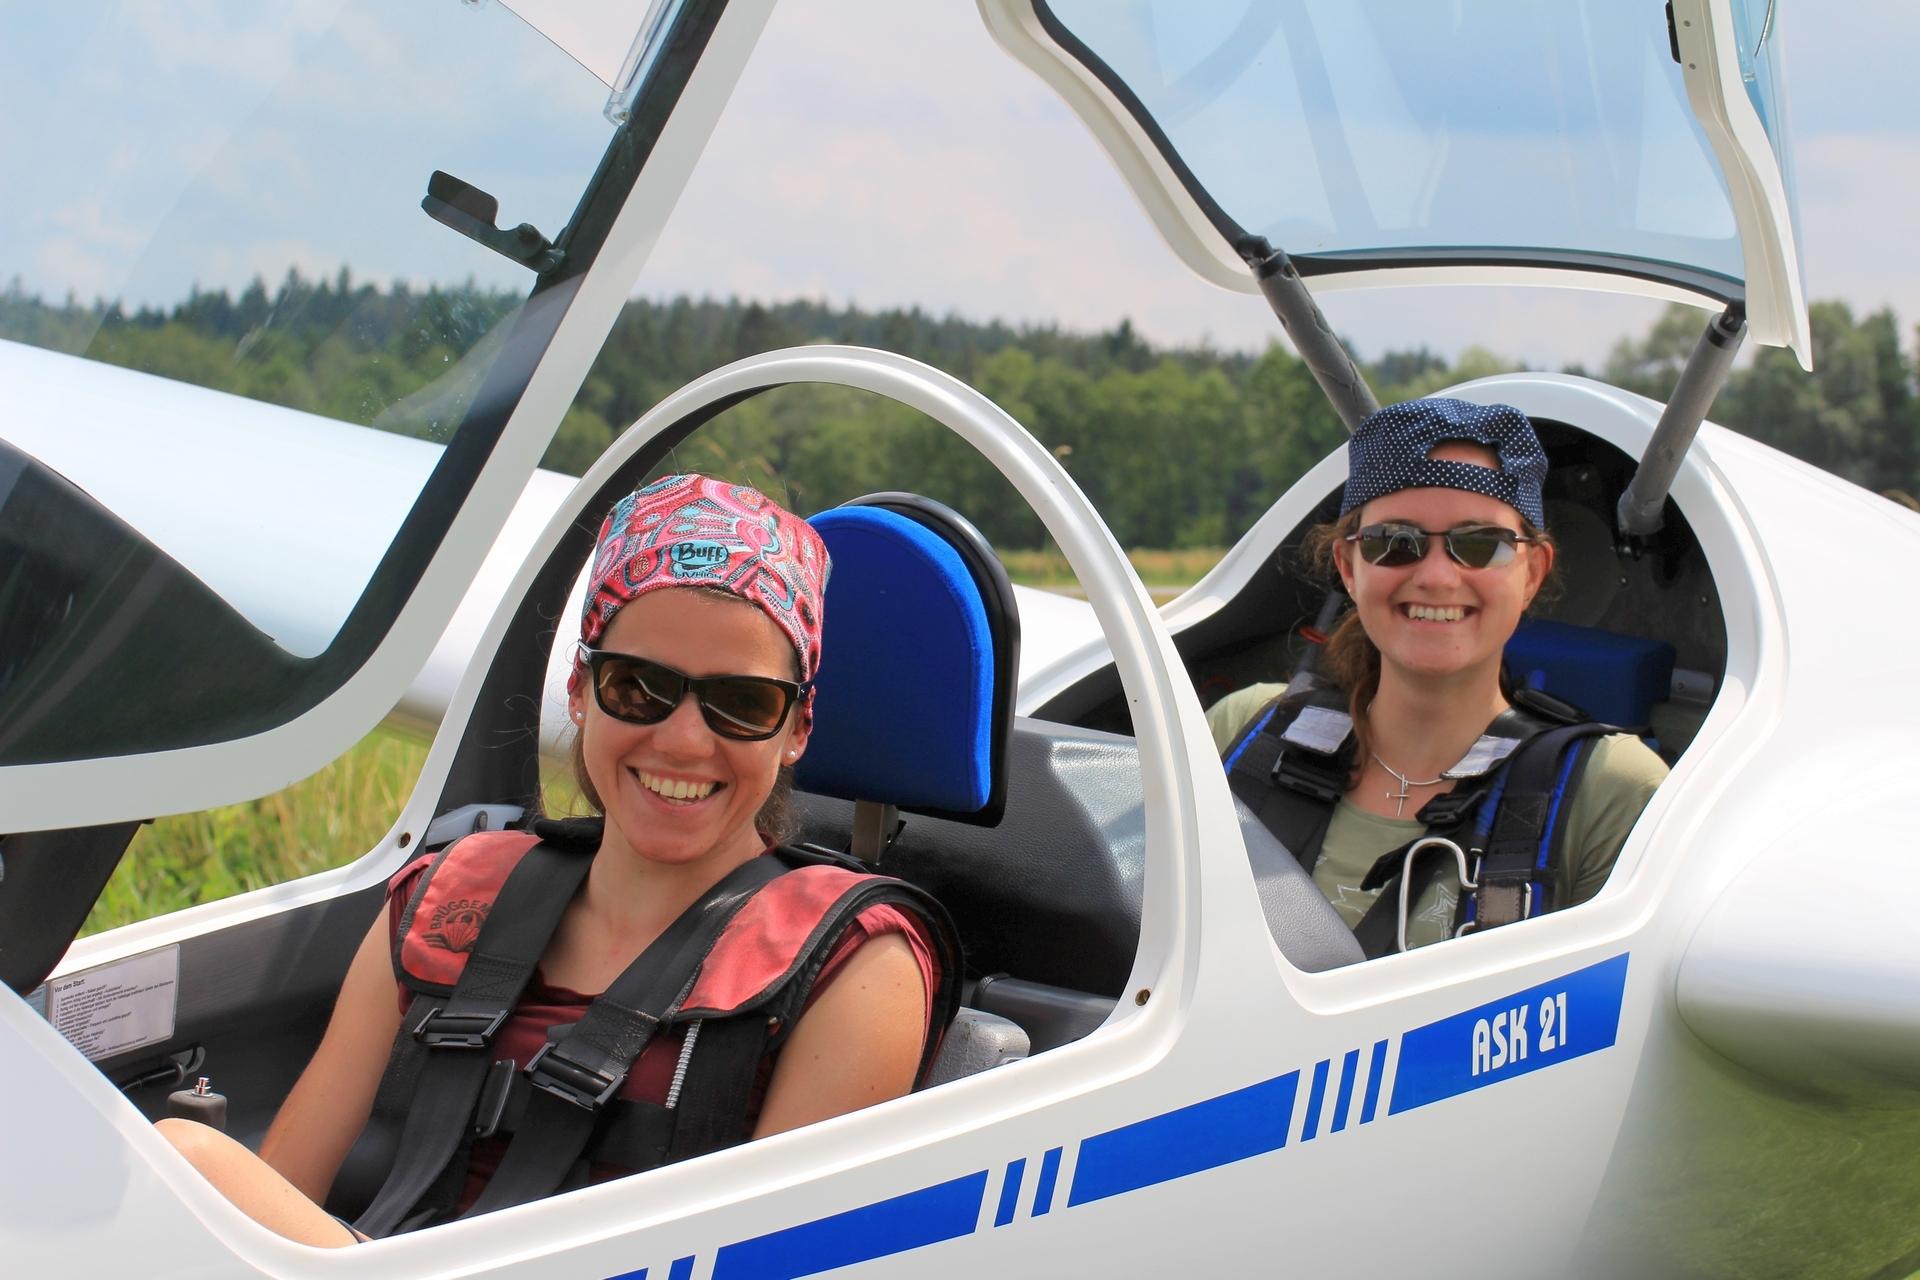 Mädels auf Tour - Katharina und Isi wollen in die Berge